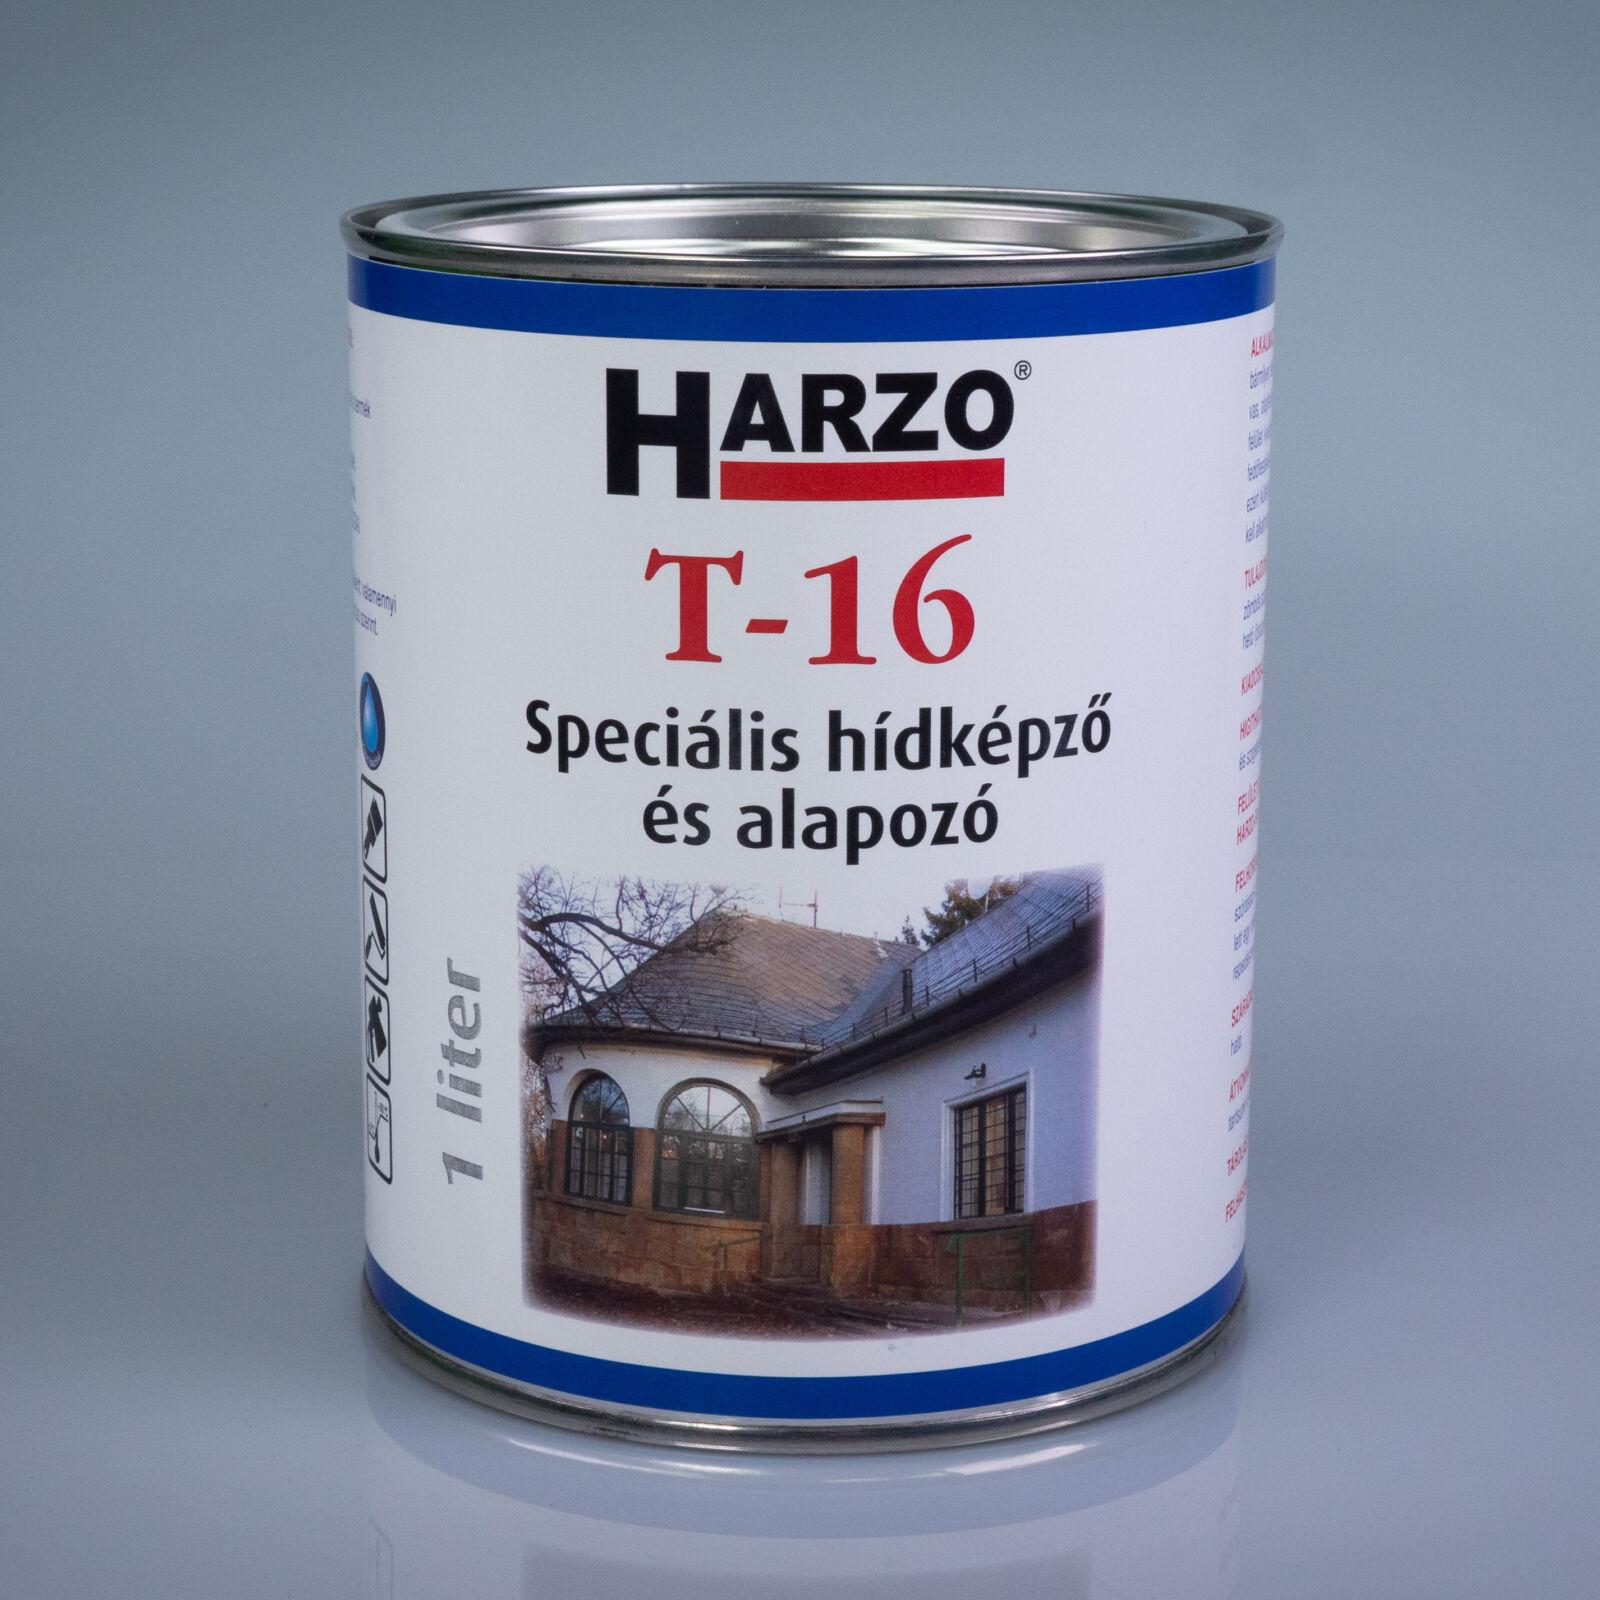 HARZO-T16 speciális hídképző [1 l]